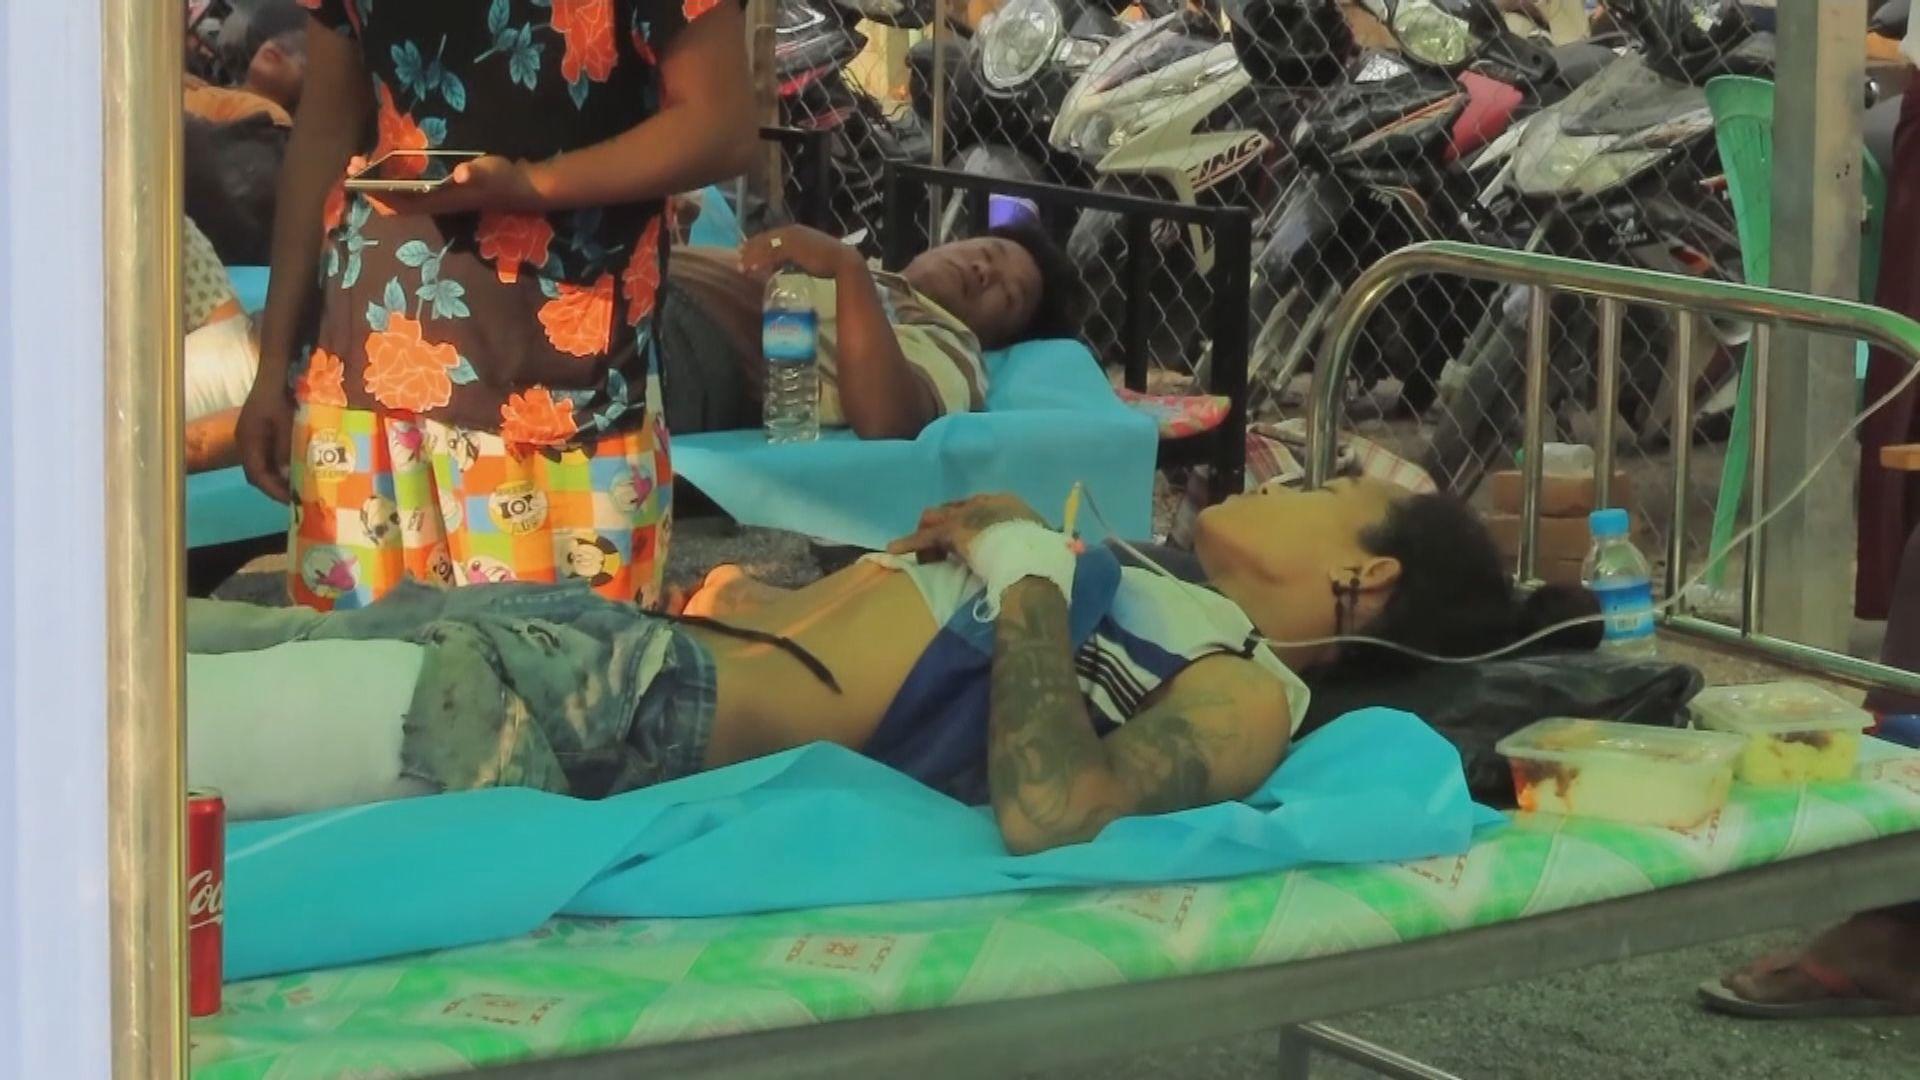 緬甸軍警再以實彈鎮壓示威者 據報至少一死